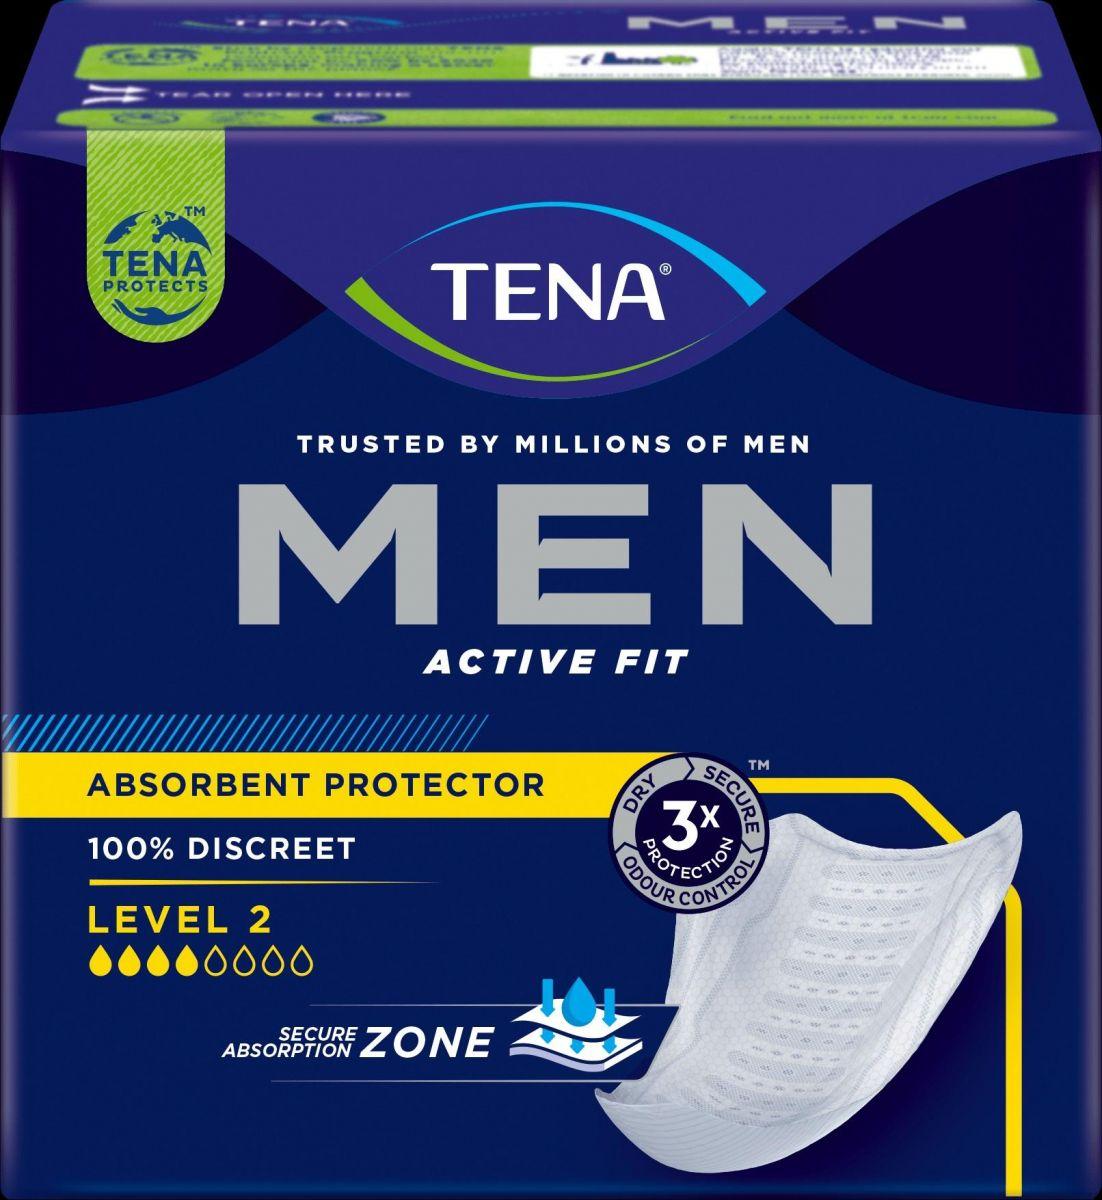 Tena Men - Absorvente Masculino - Pacote com 10 unidades - Tena